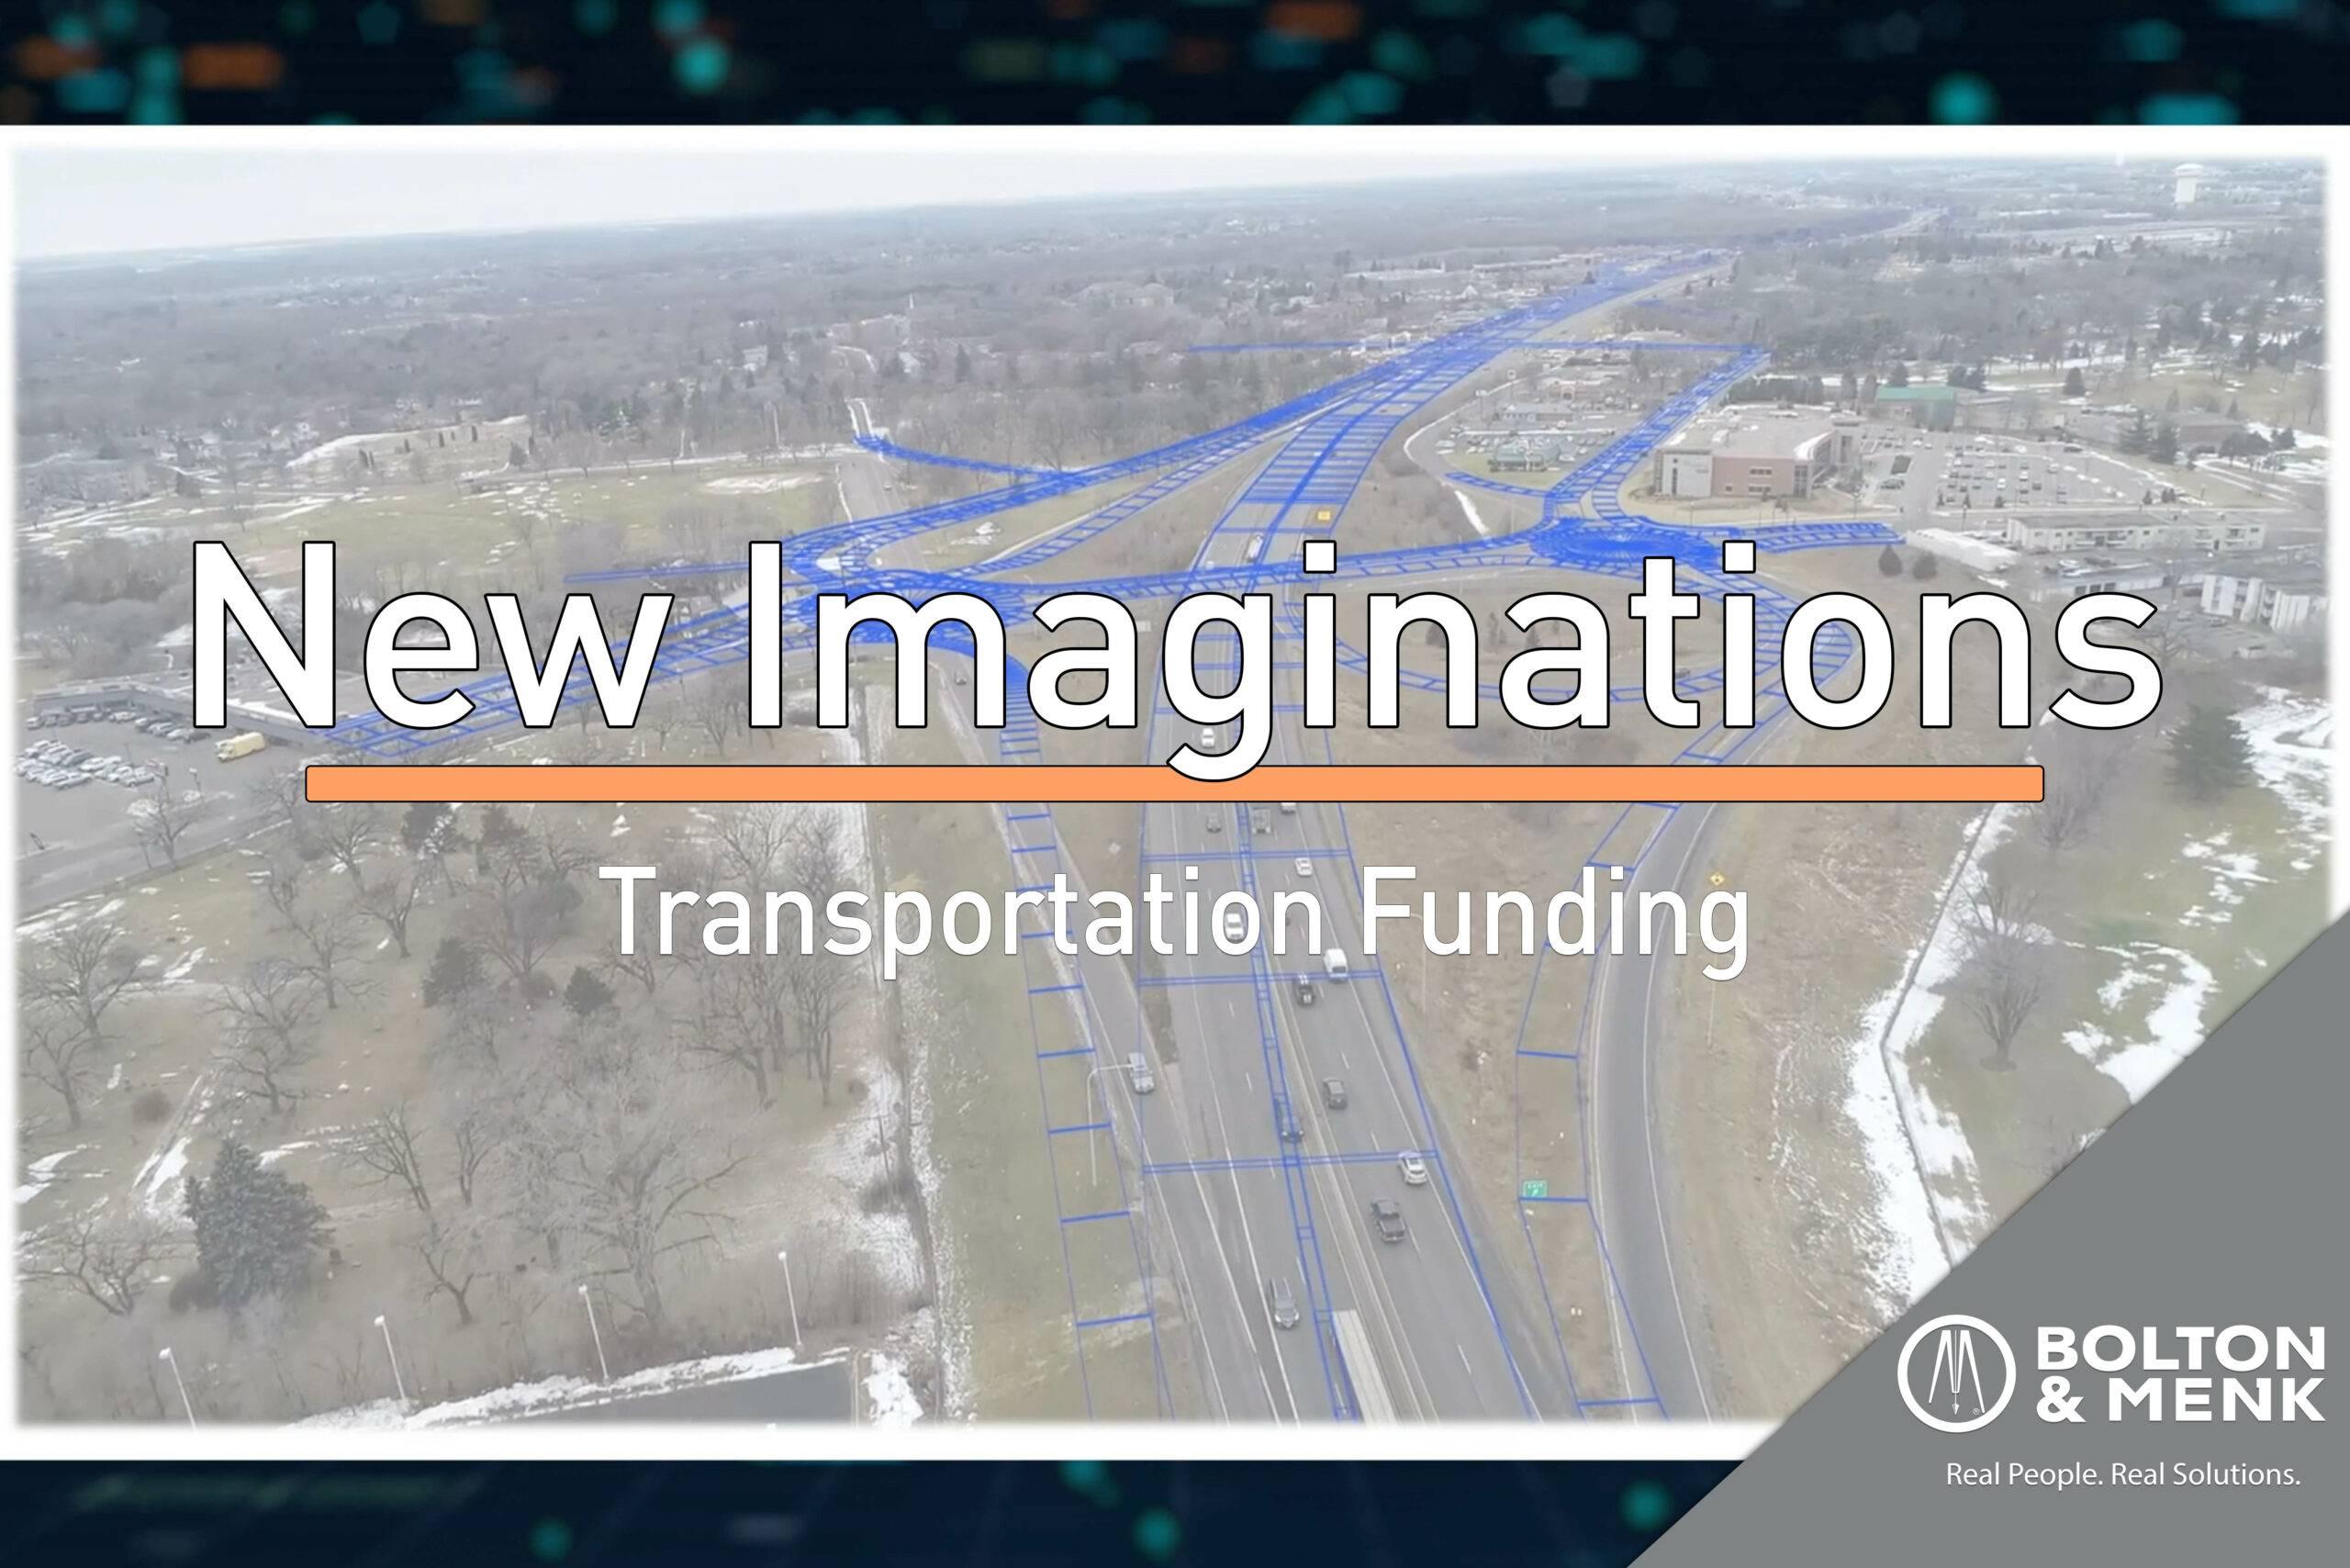 New Imaginations – Transportation Funding